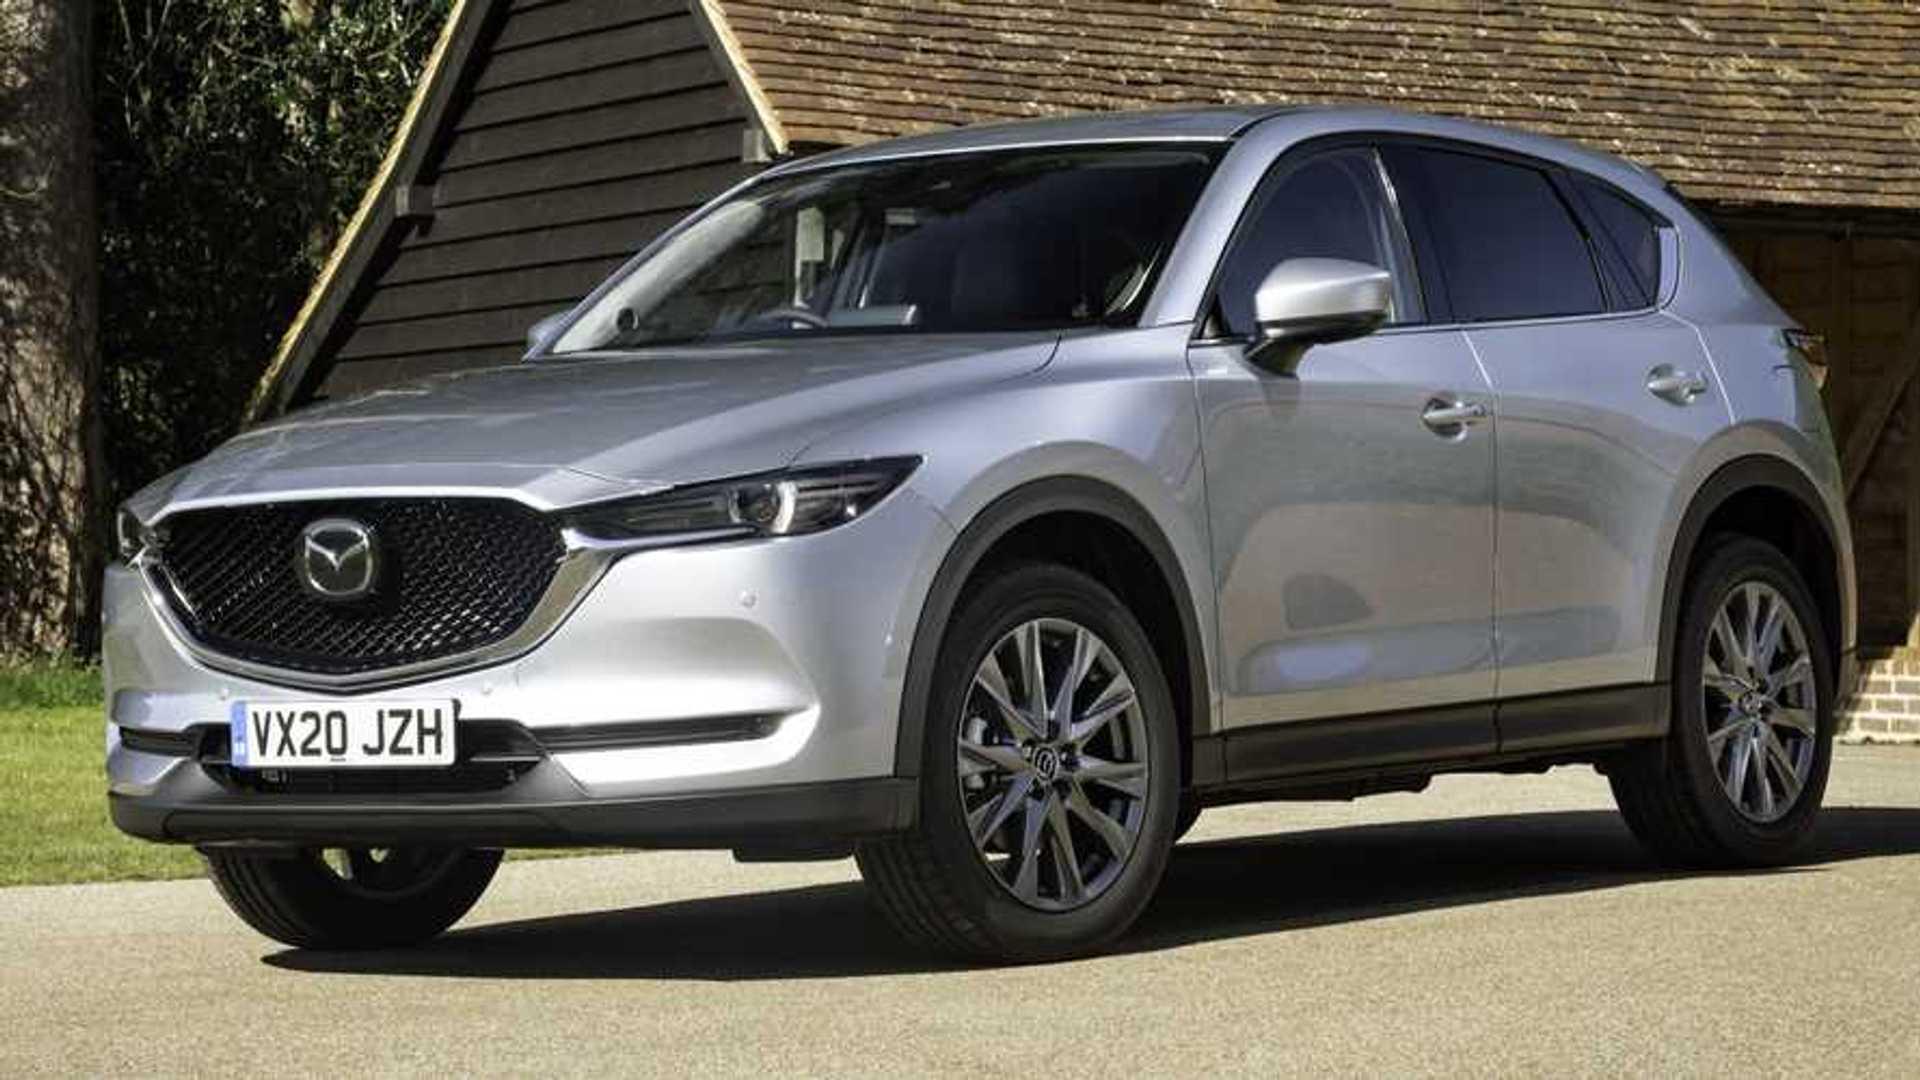 Kekurangan Mazda 5 Review